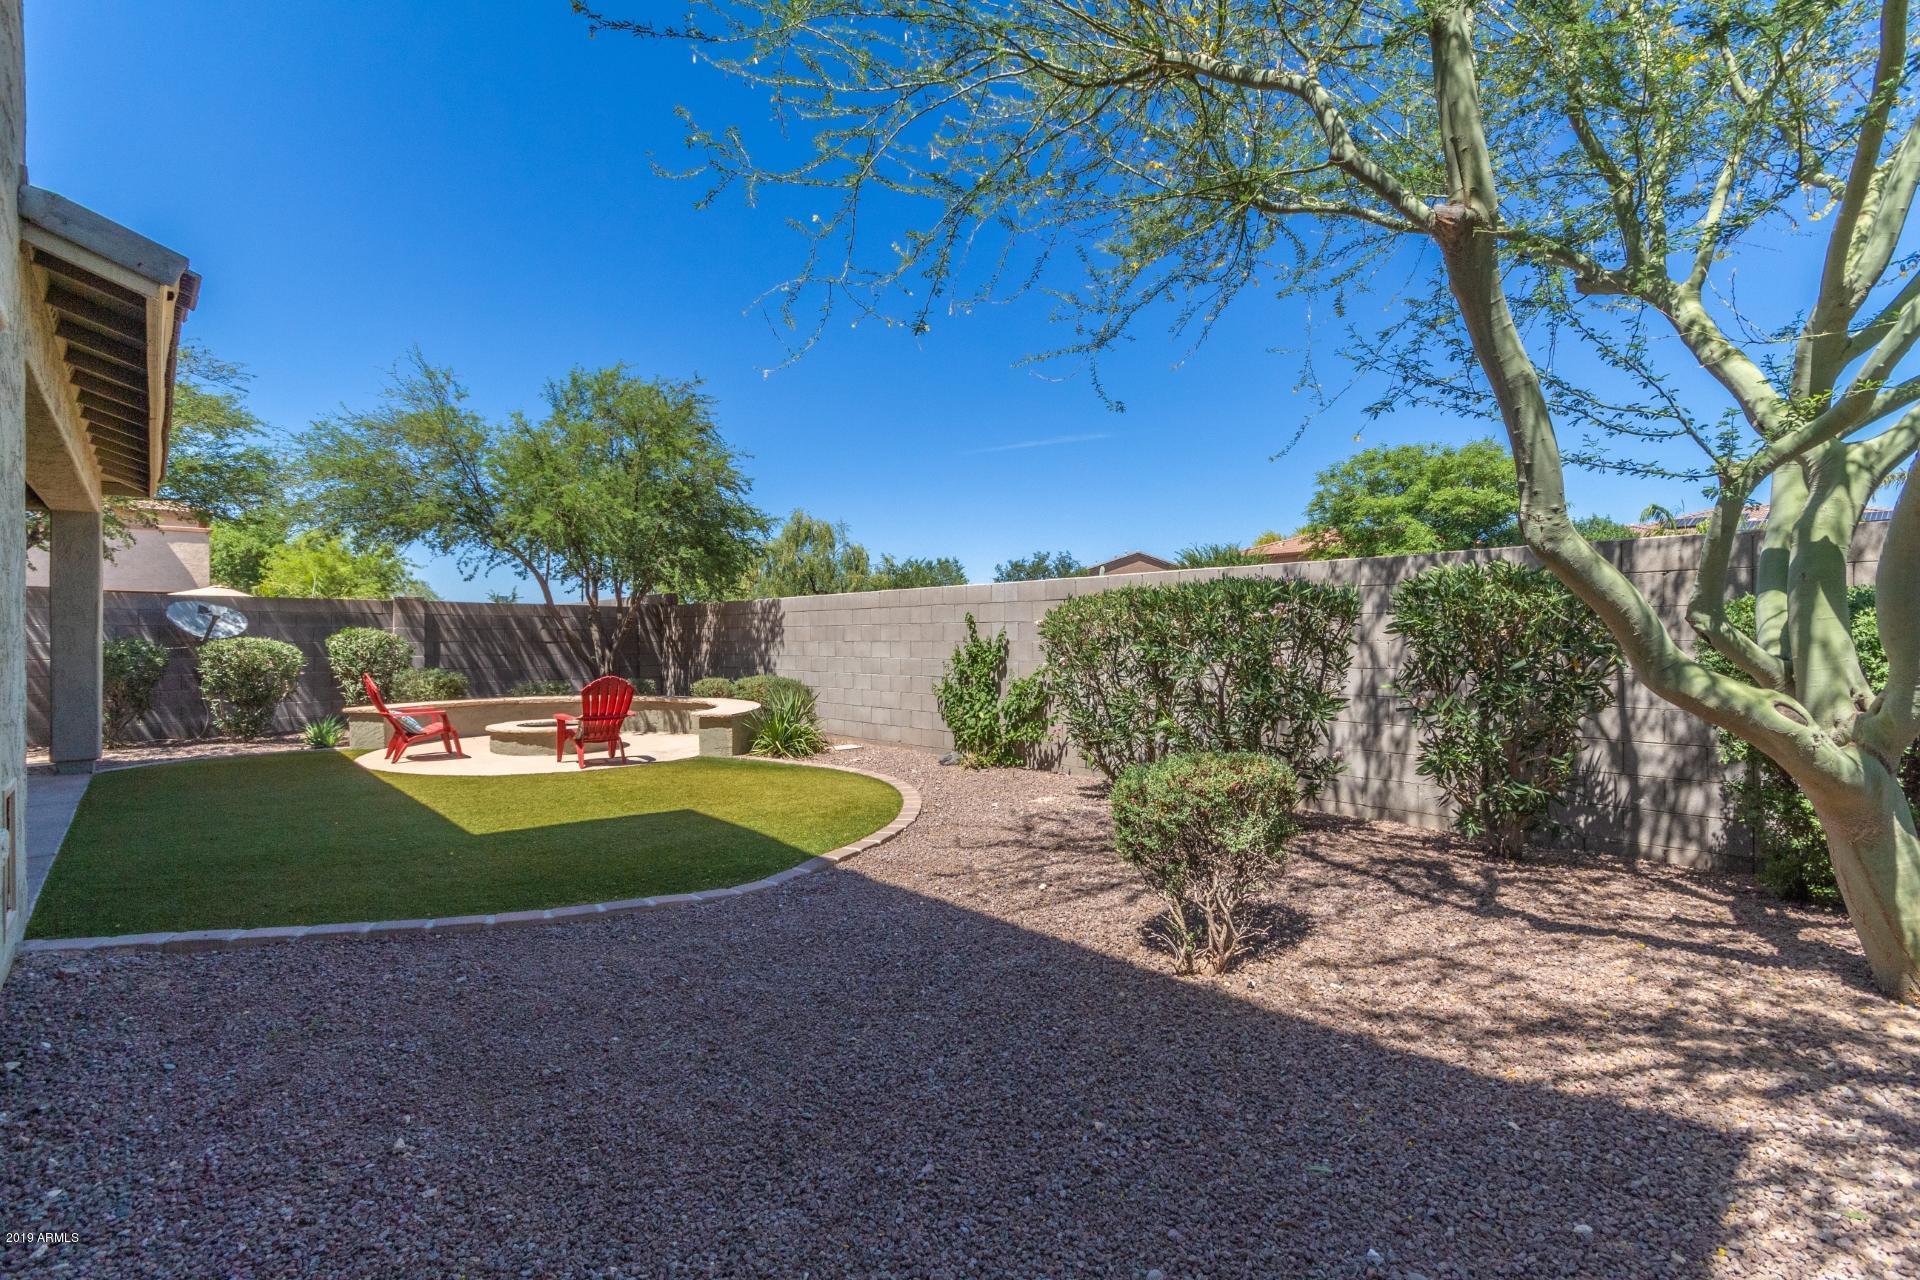 MLS 5941940 26447 N 167TH Avenue, Surprise, AZ 85387 Surprise AZ Desert Oasis